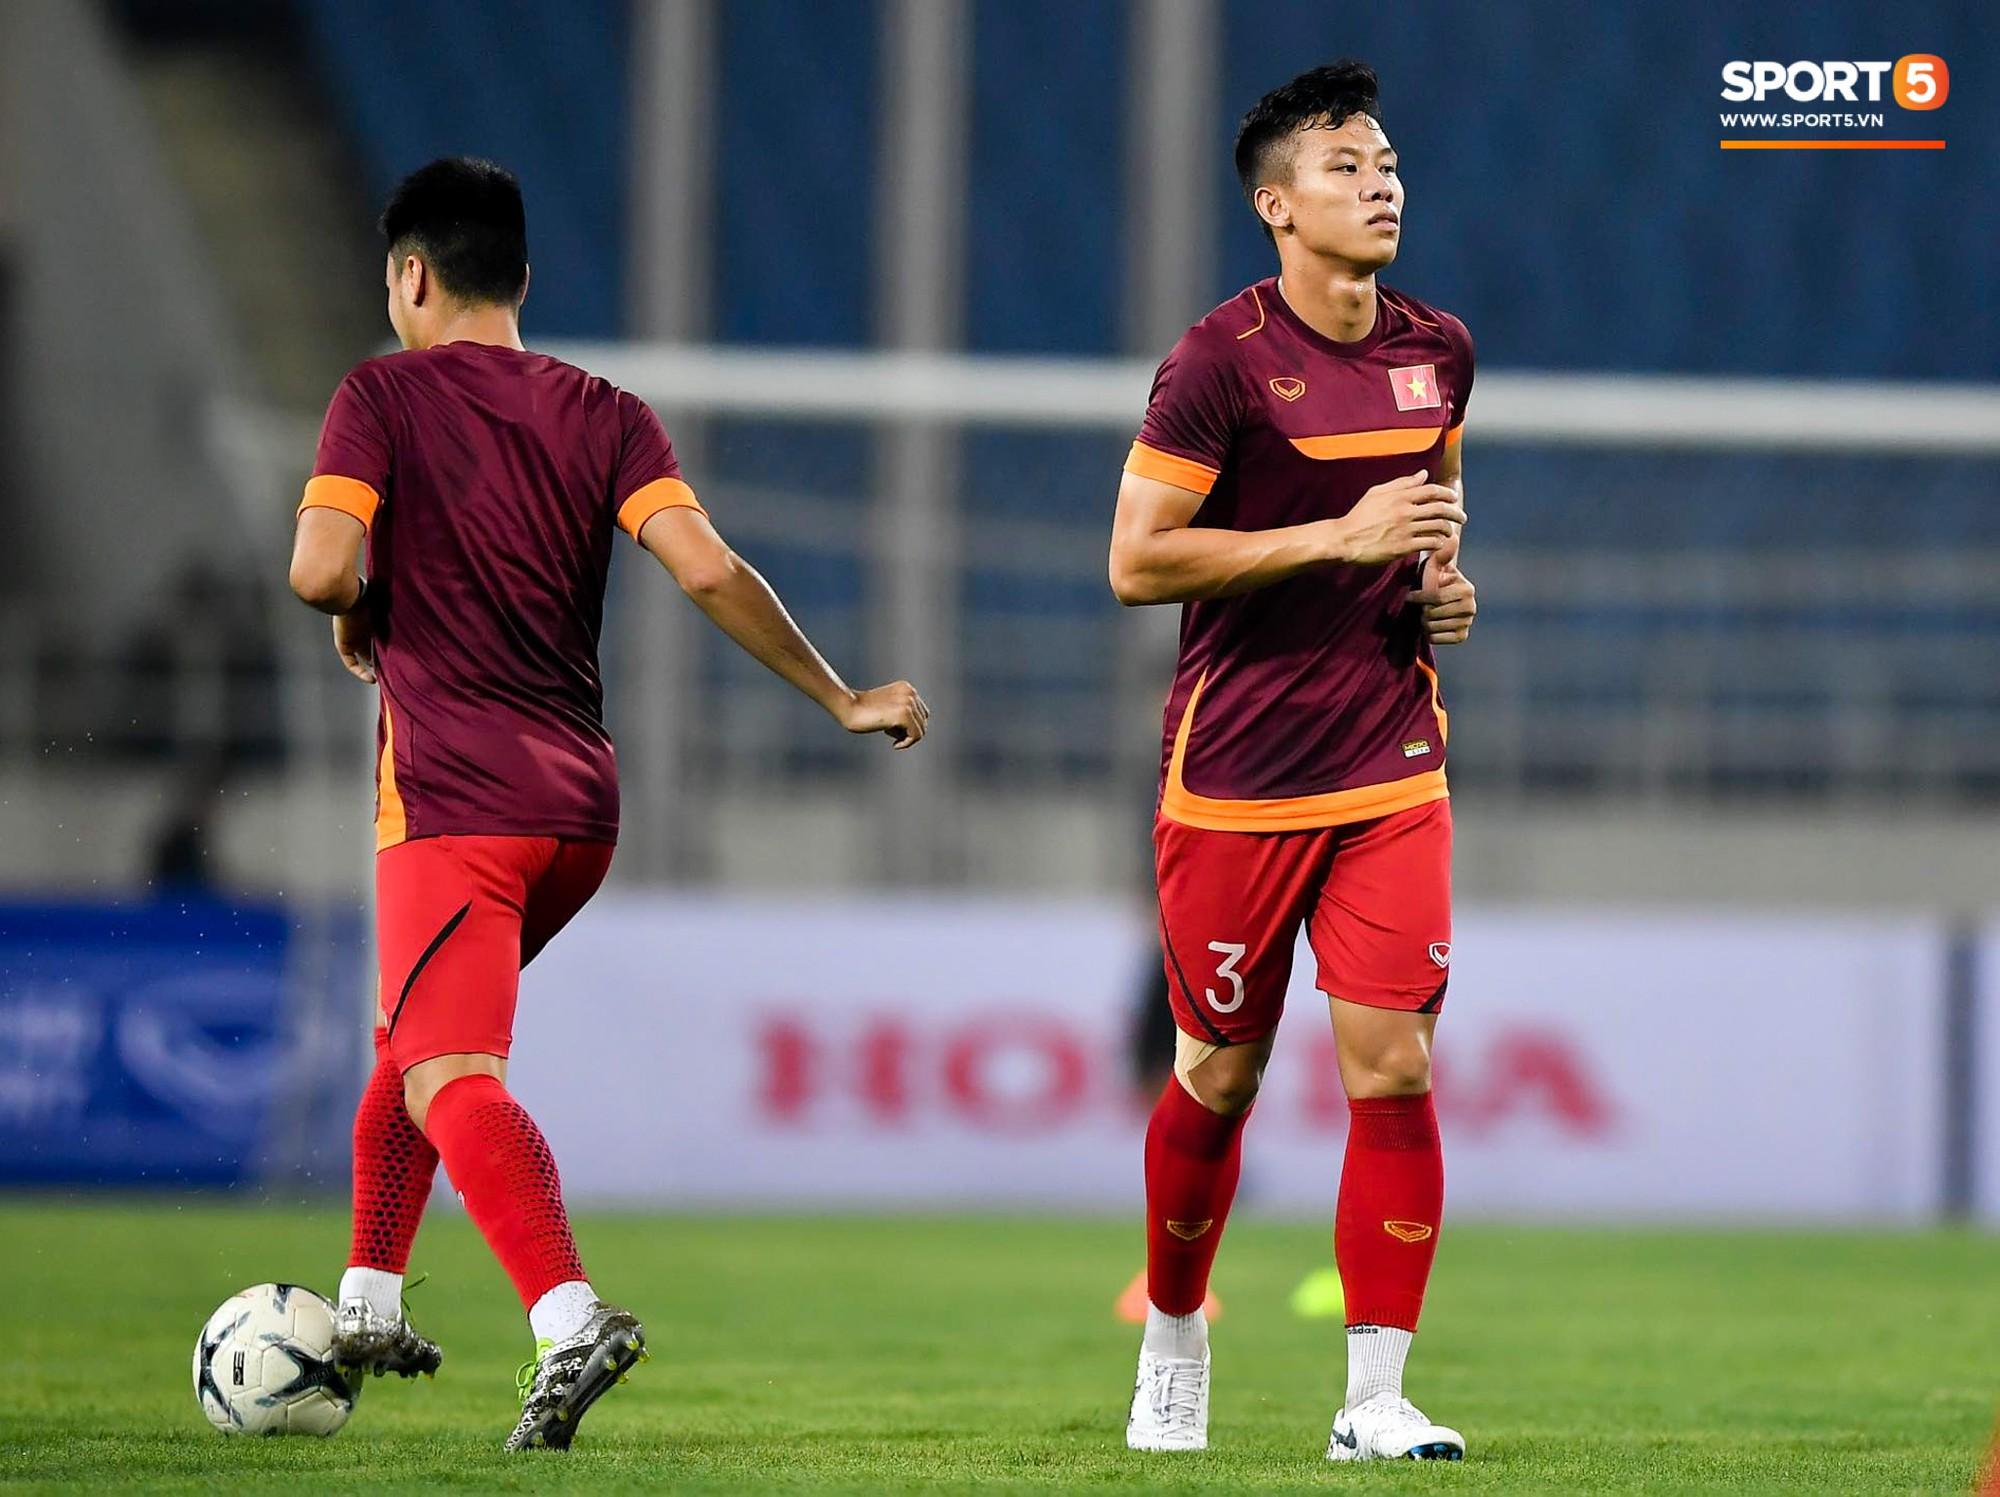 Tuyển thủ Việt Nam mặc áo cũ, không in số gây tò mò ở buổi tập áp chót trước trận chiến với Malaysia - Ảnh 3.